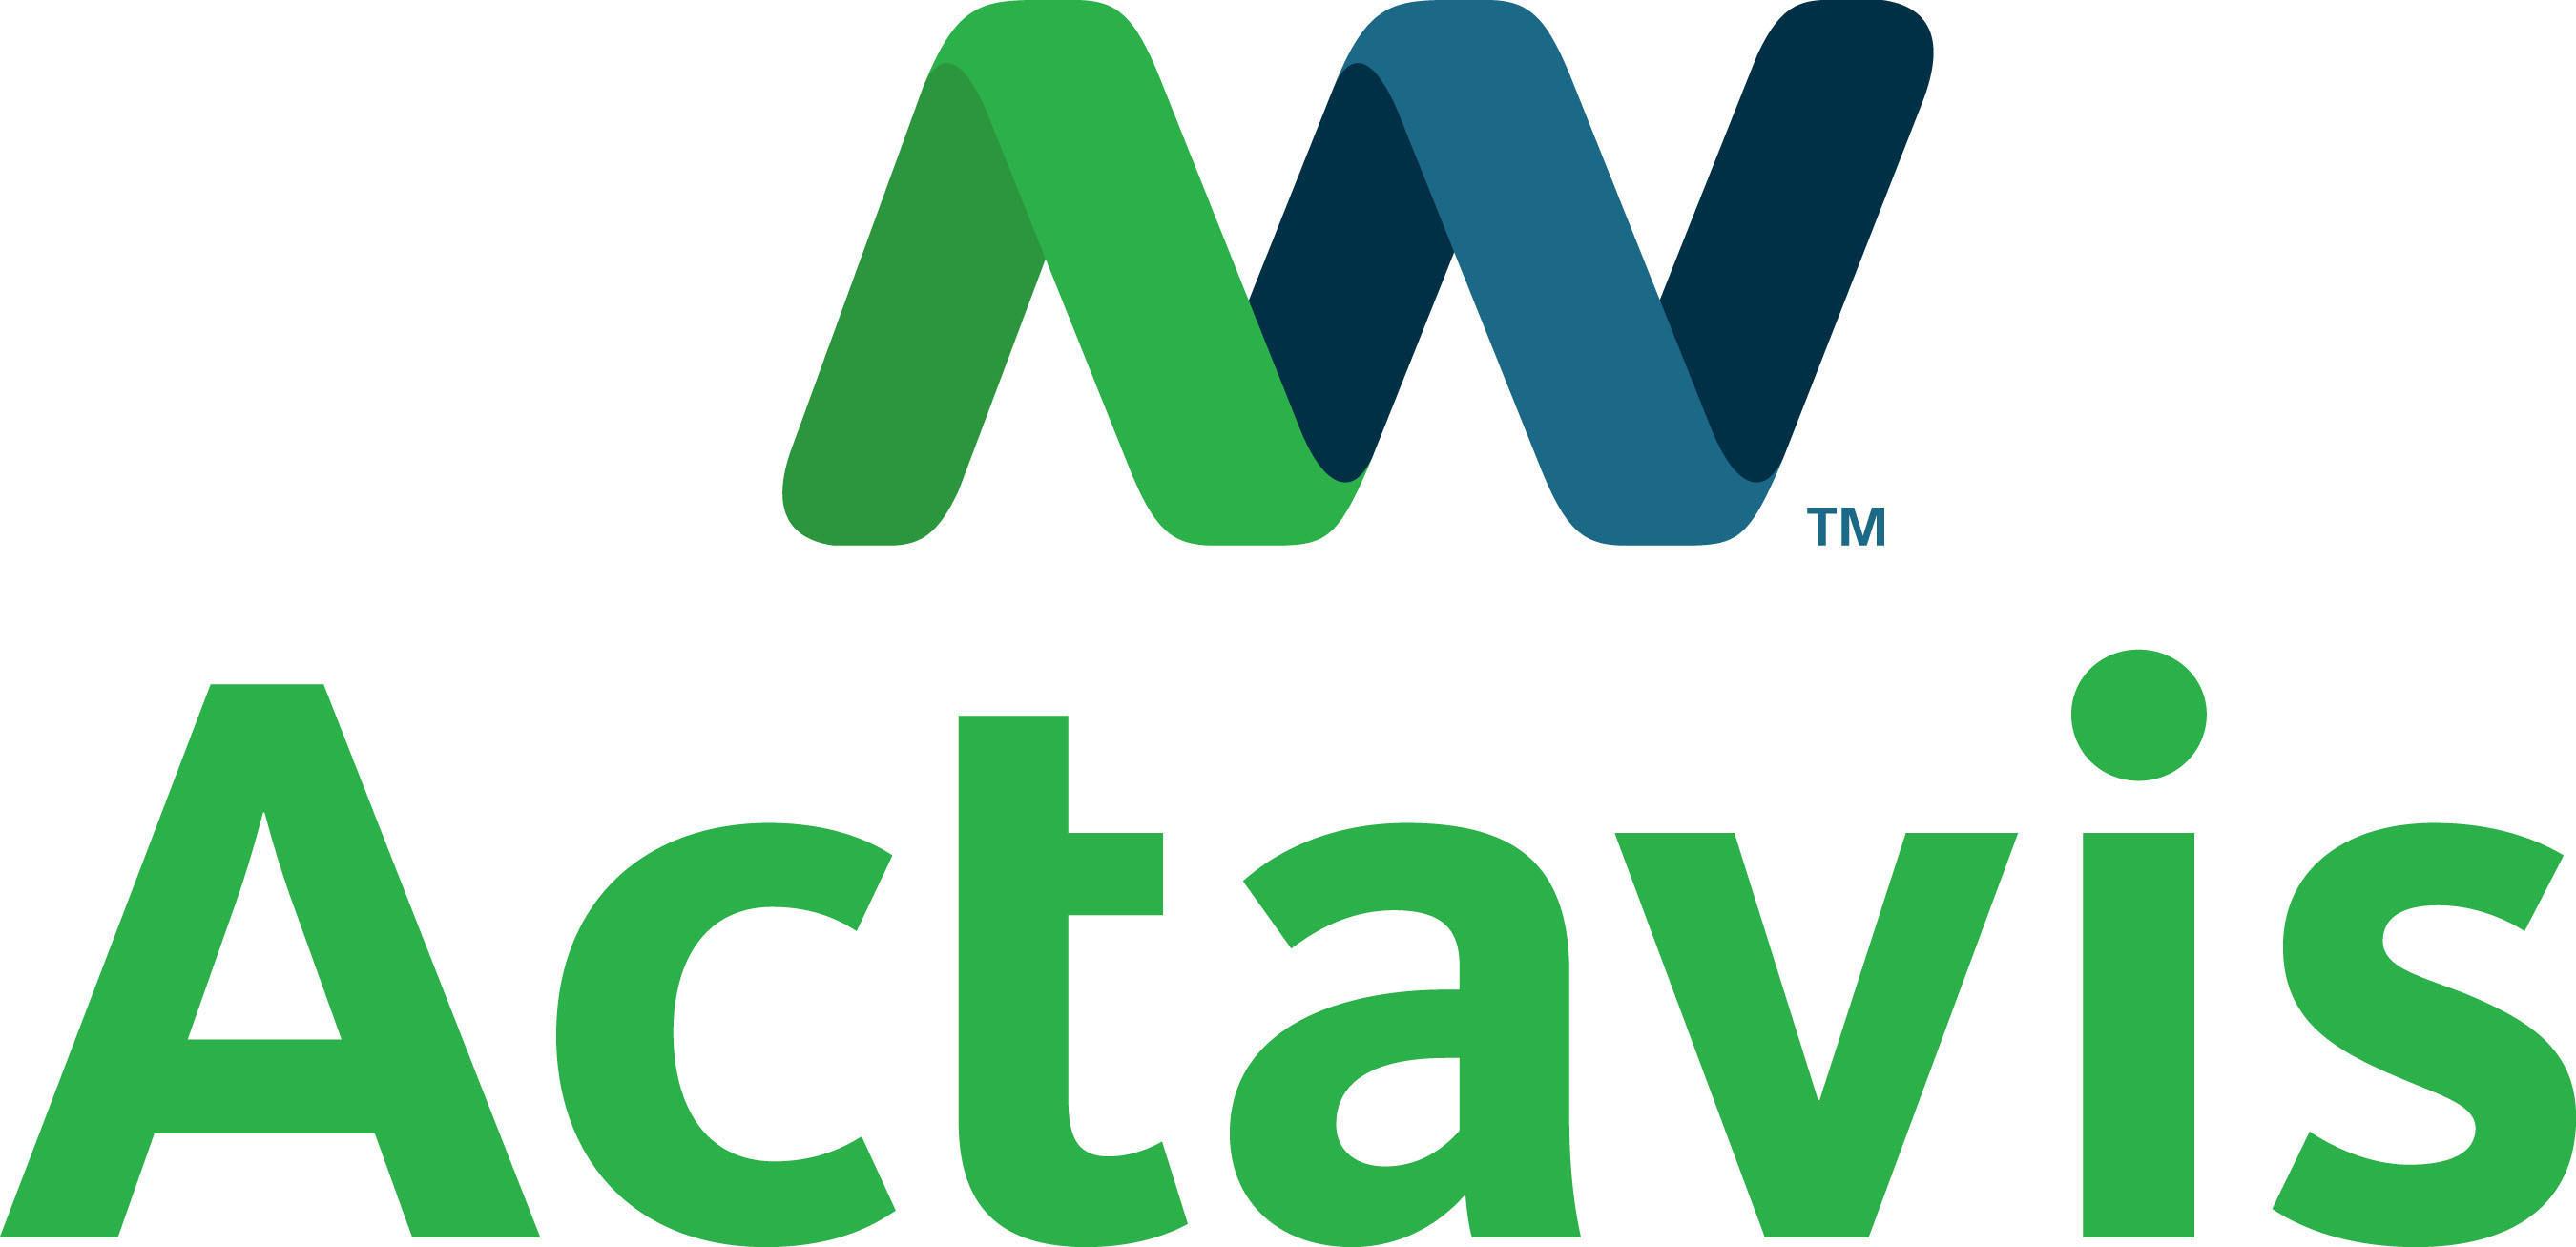 Actavis Confirms Appeals Court Upholds Lo Loestrin Fe Patent